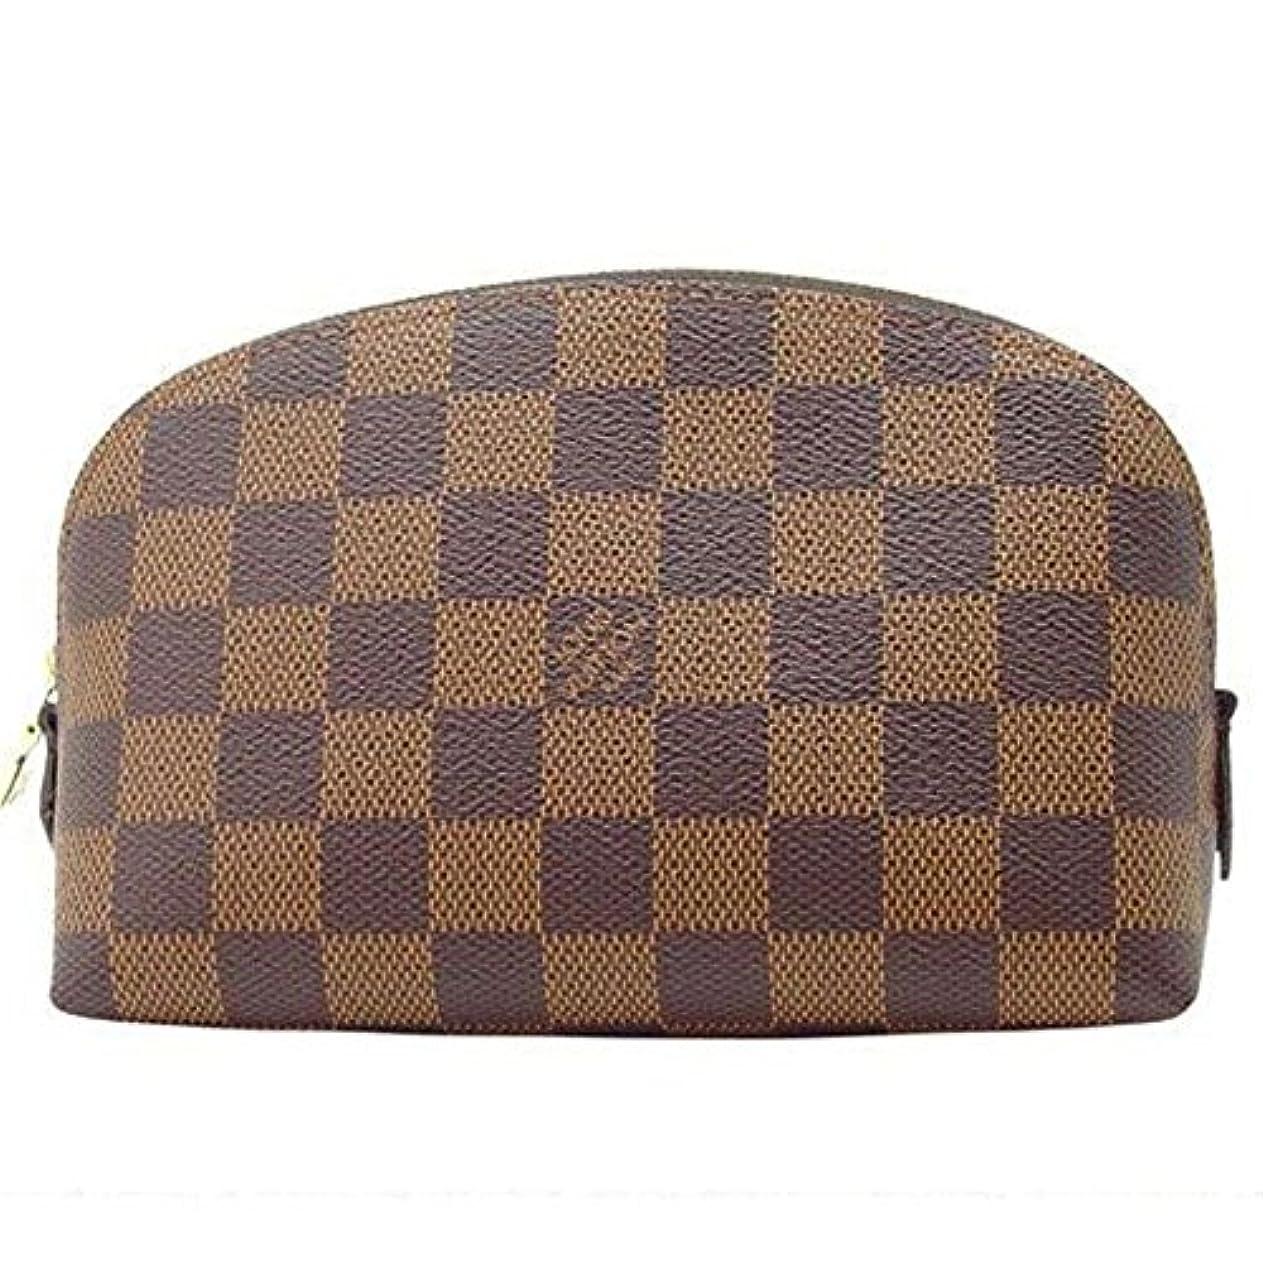 まさに北東良心的Louis Vuitton ルイヴィトン 化粧ポーチ ダミエ ポッシュ コスメティック エベヌ N47516 [並行輸入品]